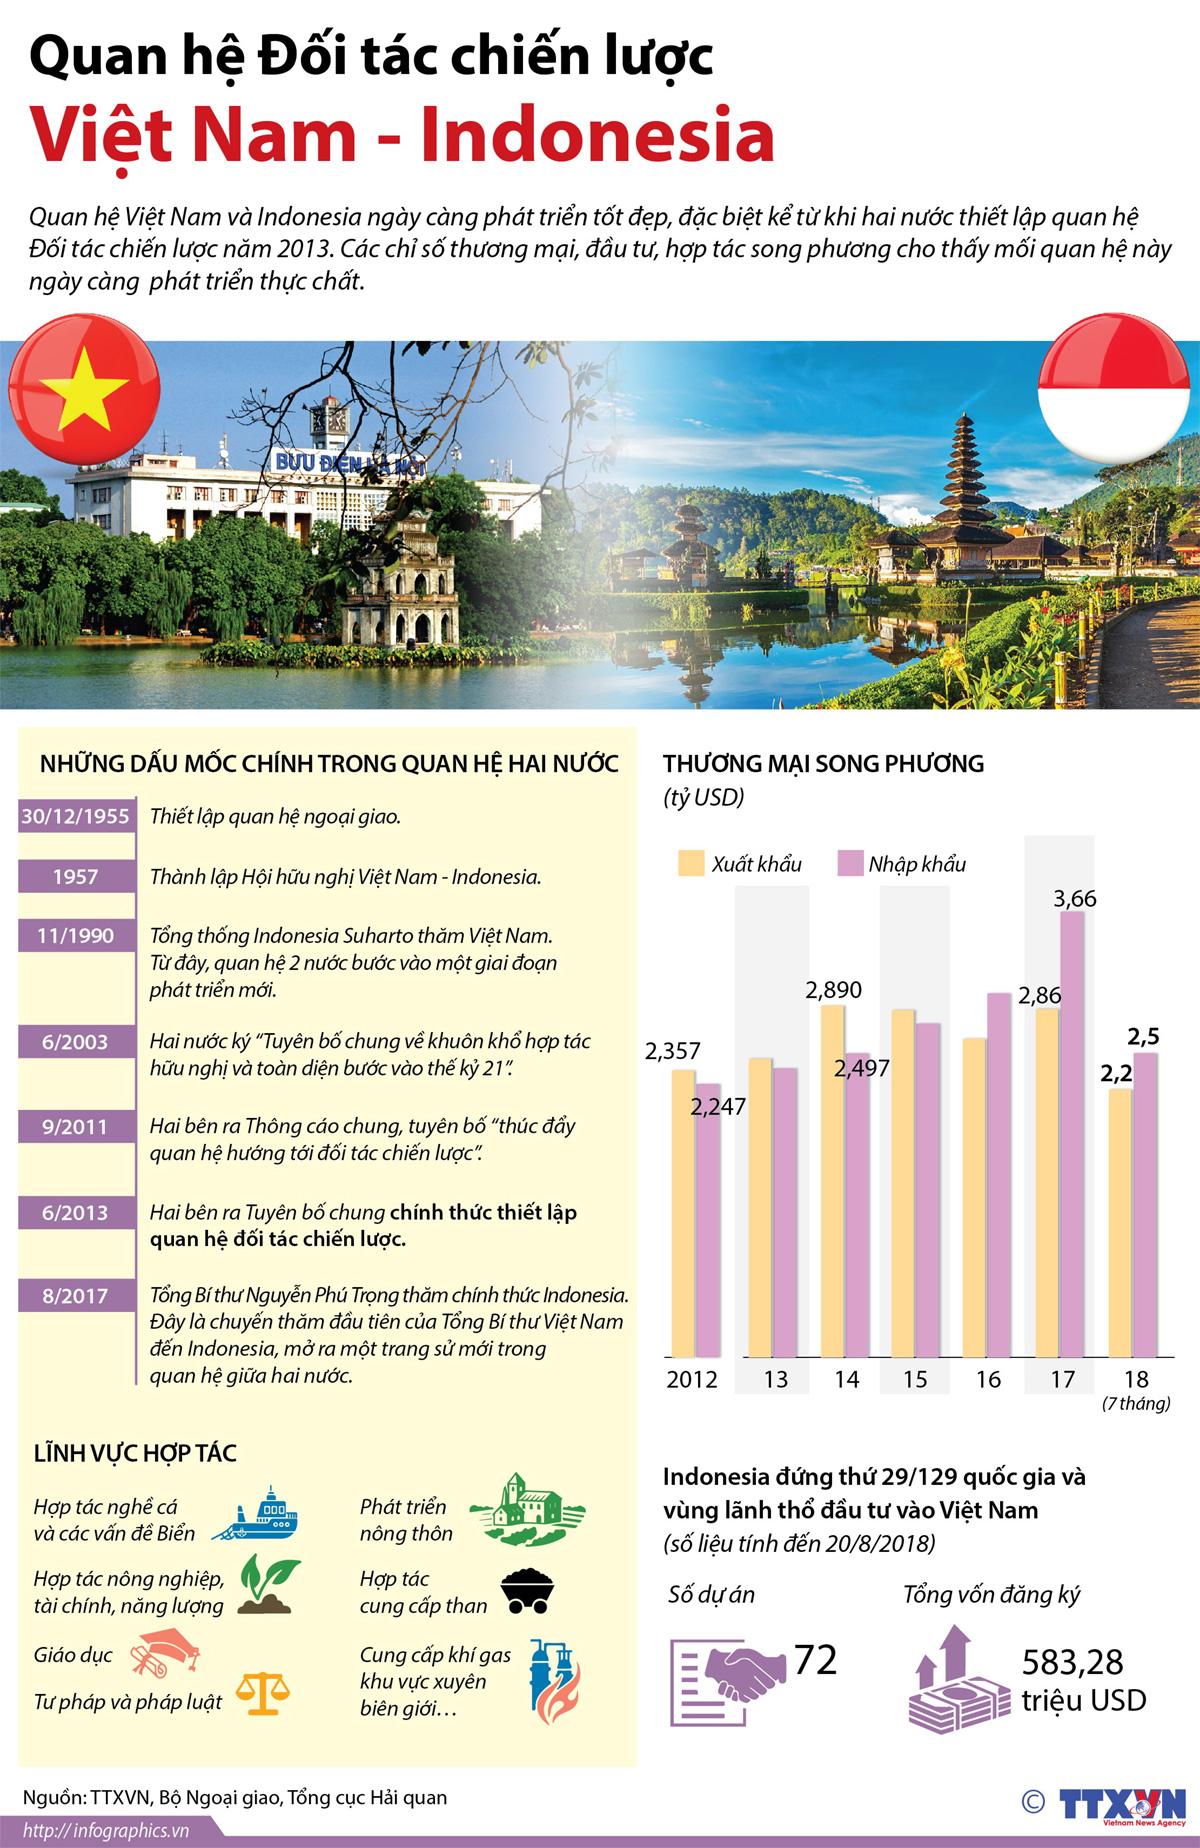 Quan hệ Đối tác chiến lược, Việt Nam và Indonesia, ngày càng phát triển, hợp tác song phương